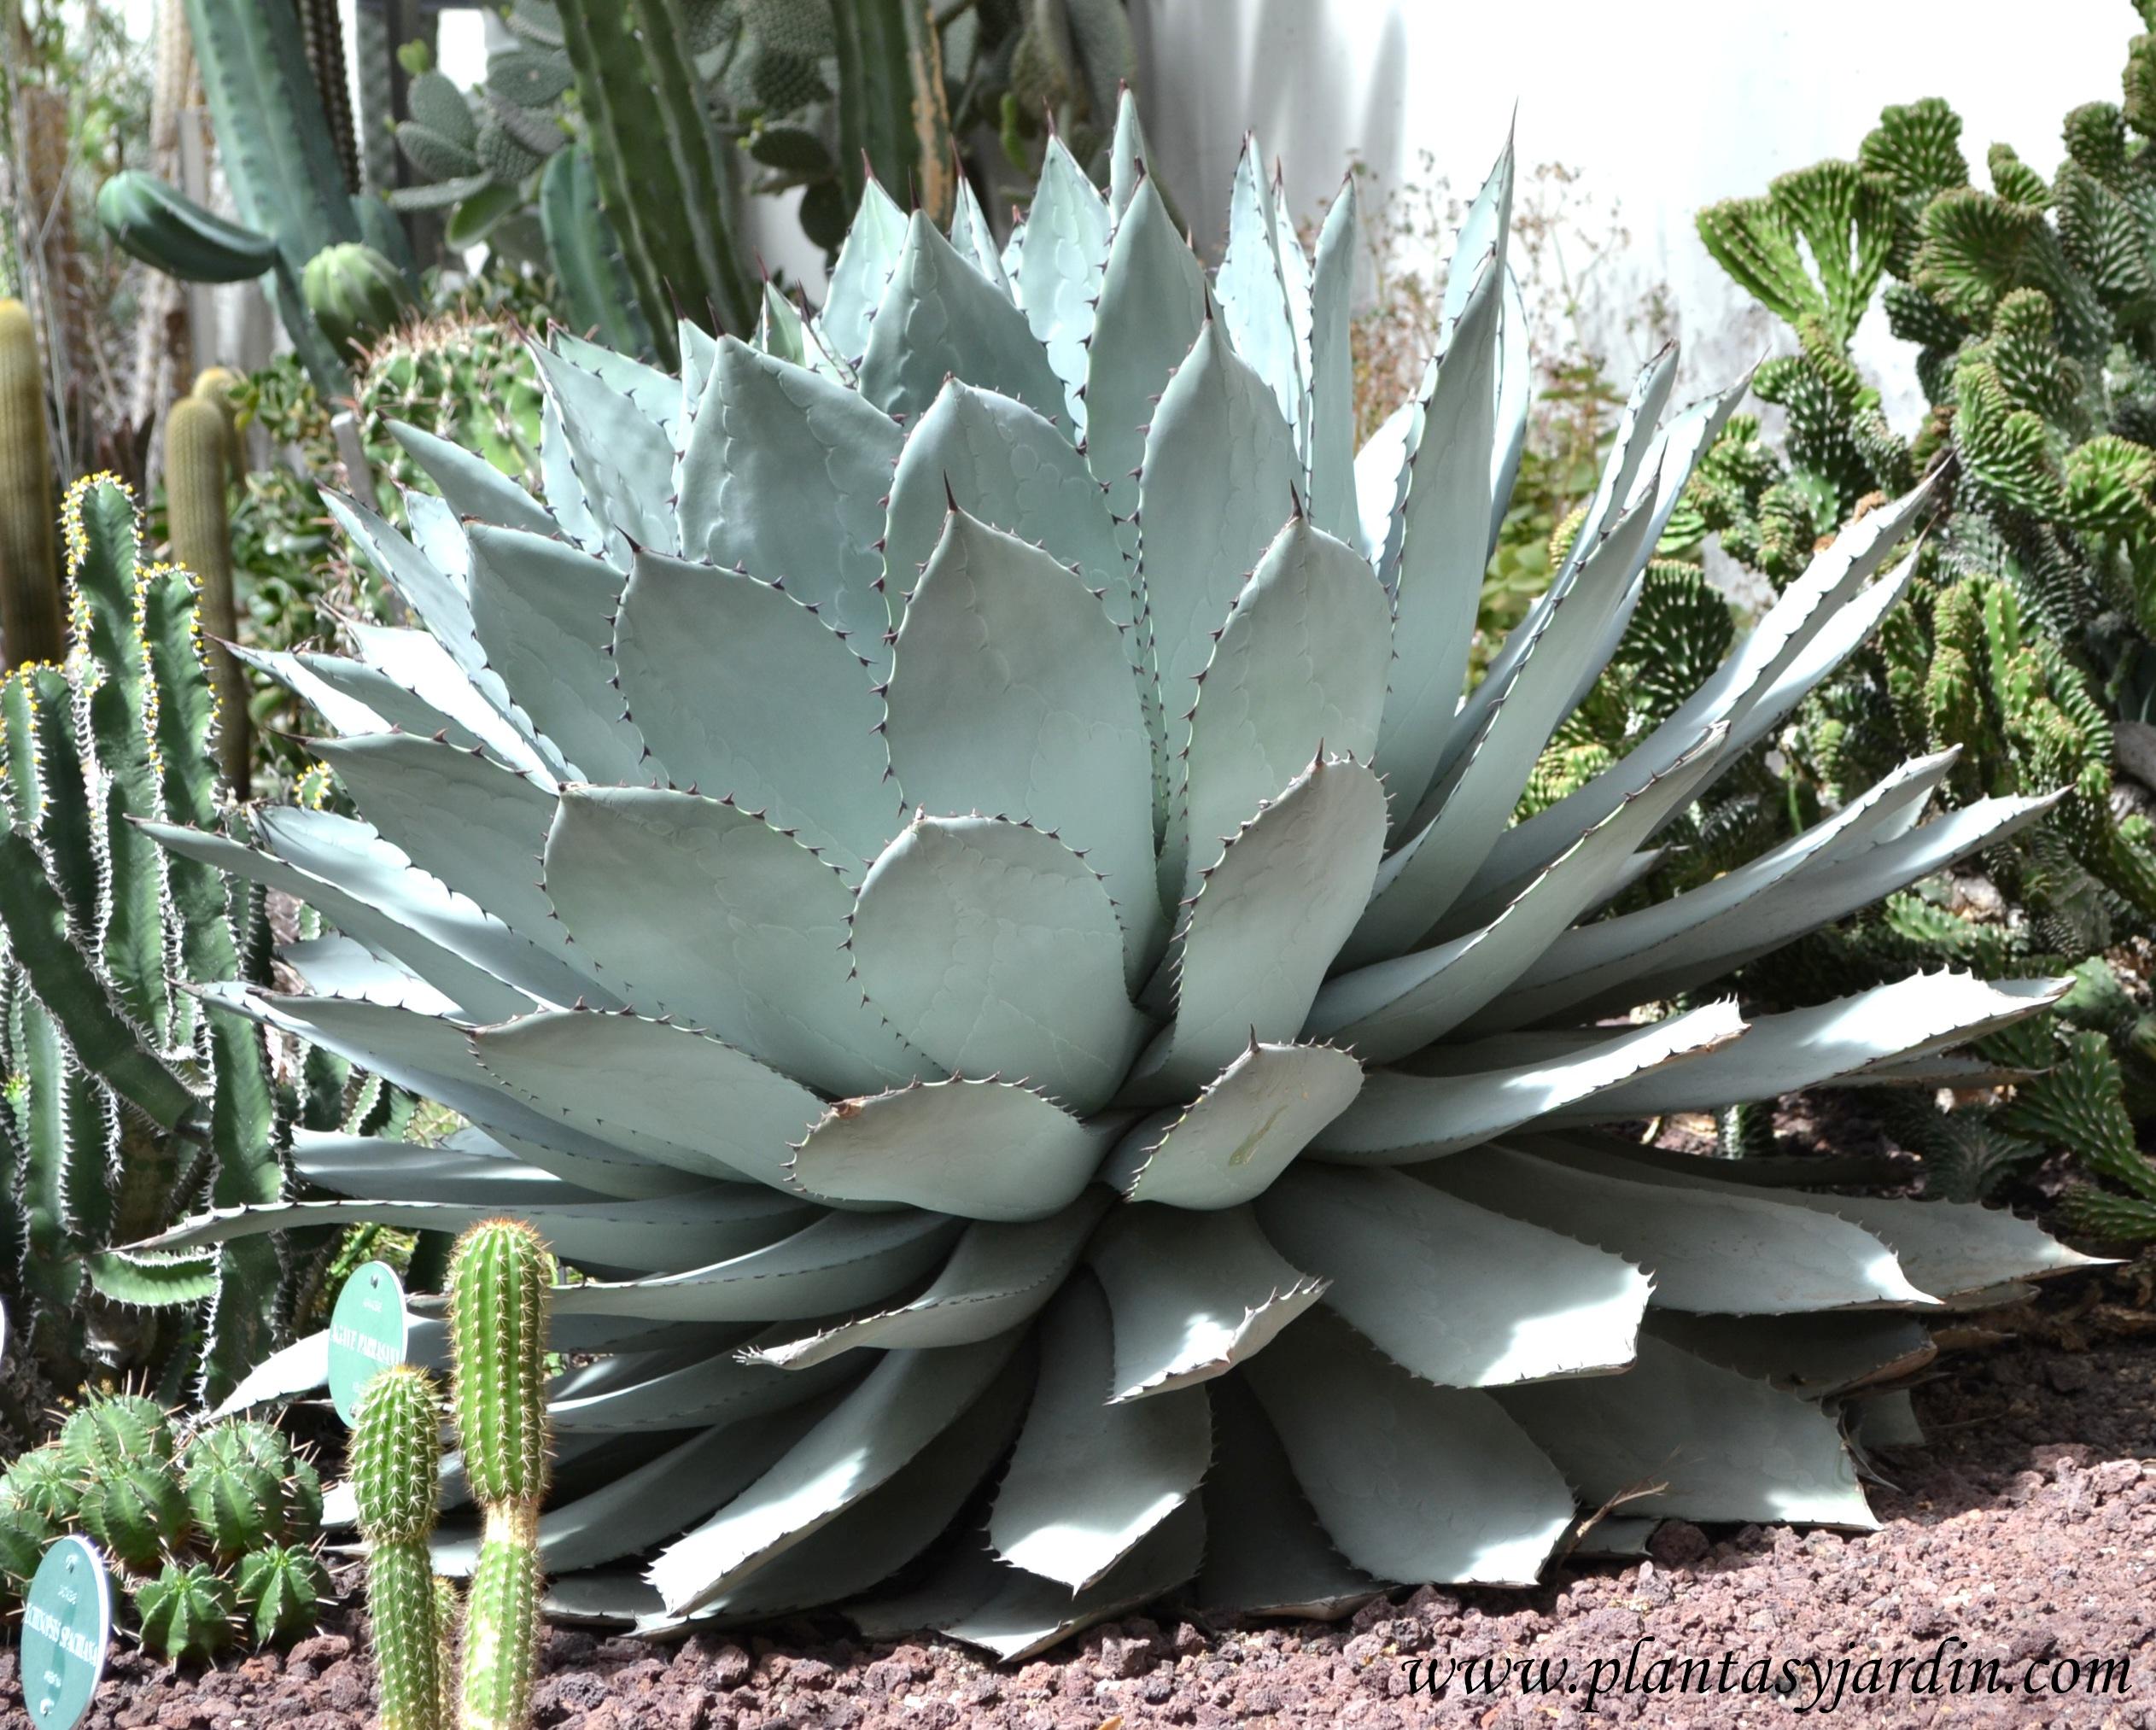 de 6000 especies de plantas crasas o suculentas, el 70% proceden de